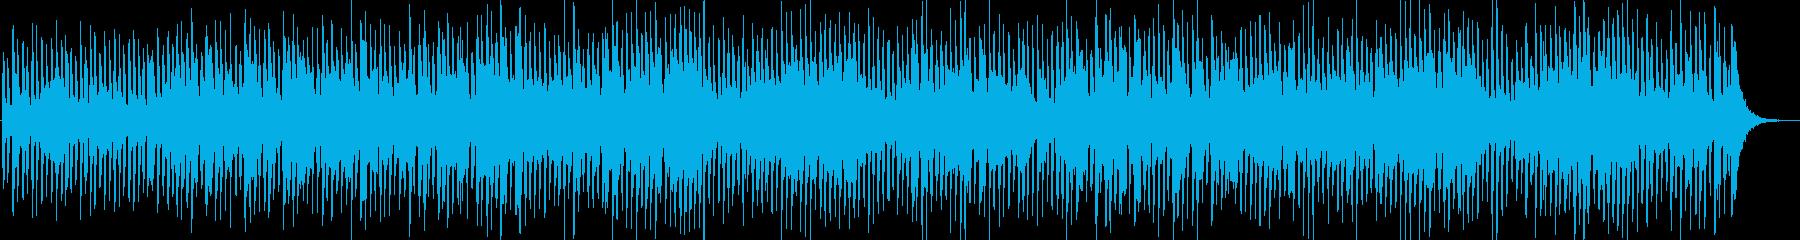 ほのぼのとしたジャズの再生済みの波形